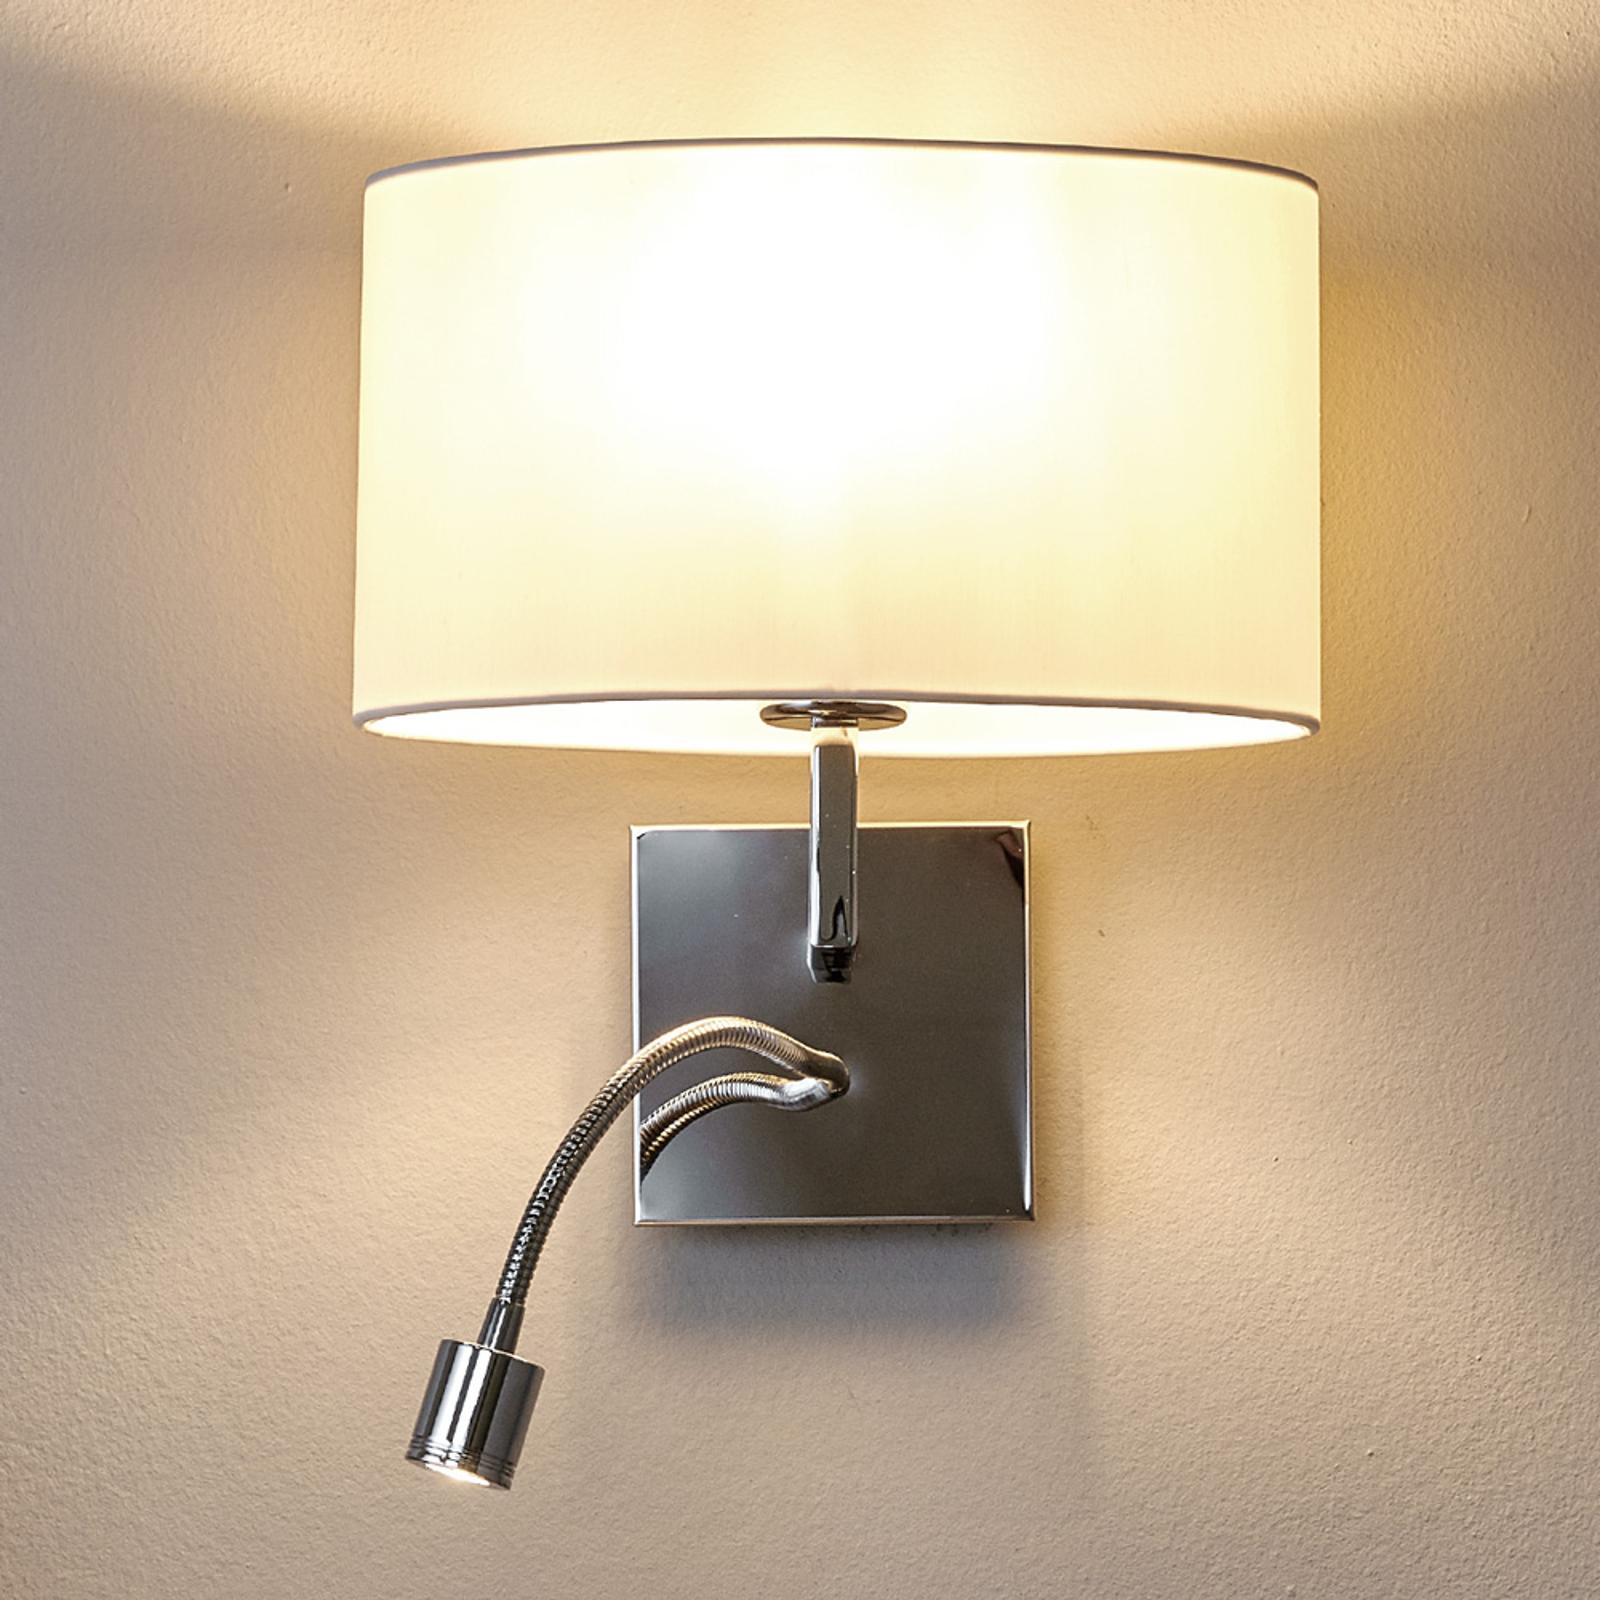 Valkoinen seinävalaisin Karla LED-lukuvalolla